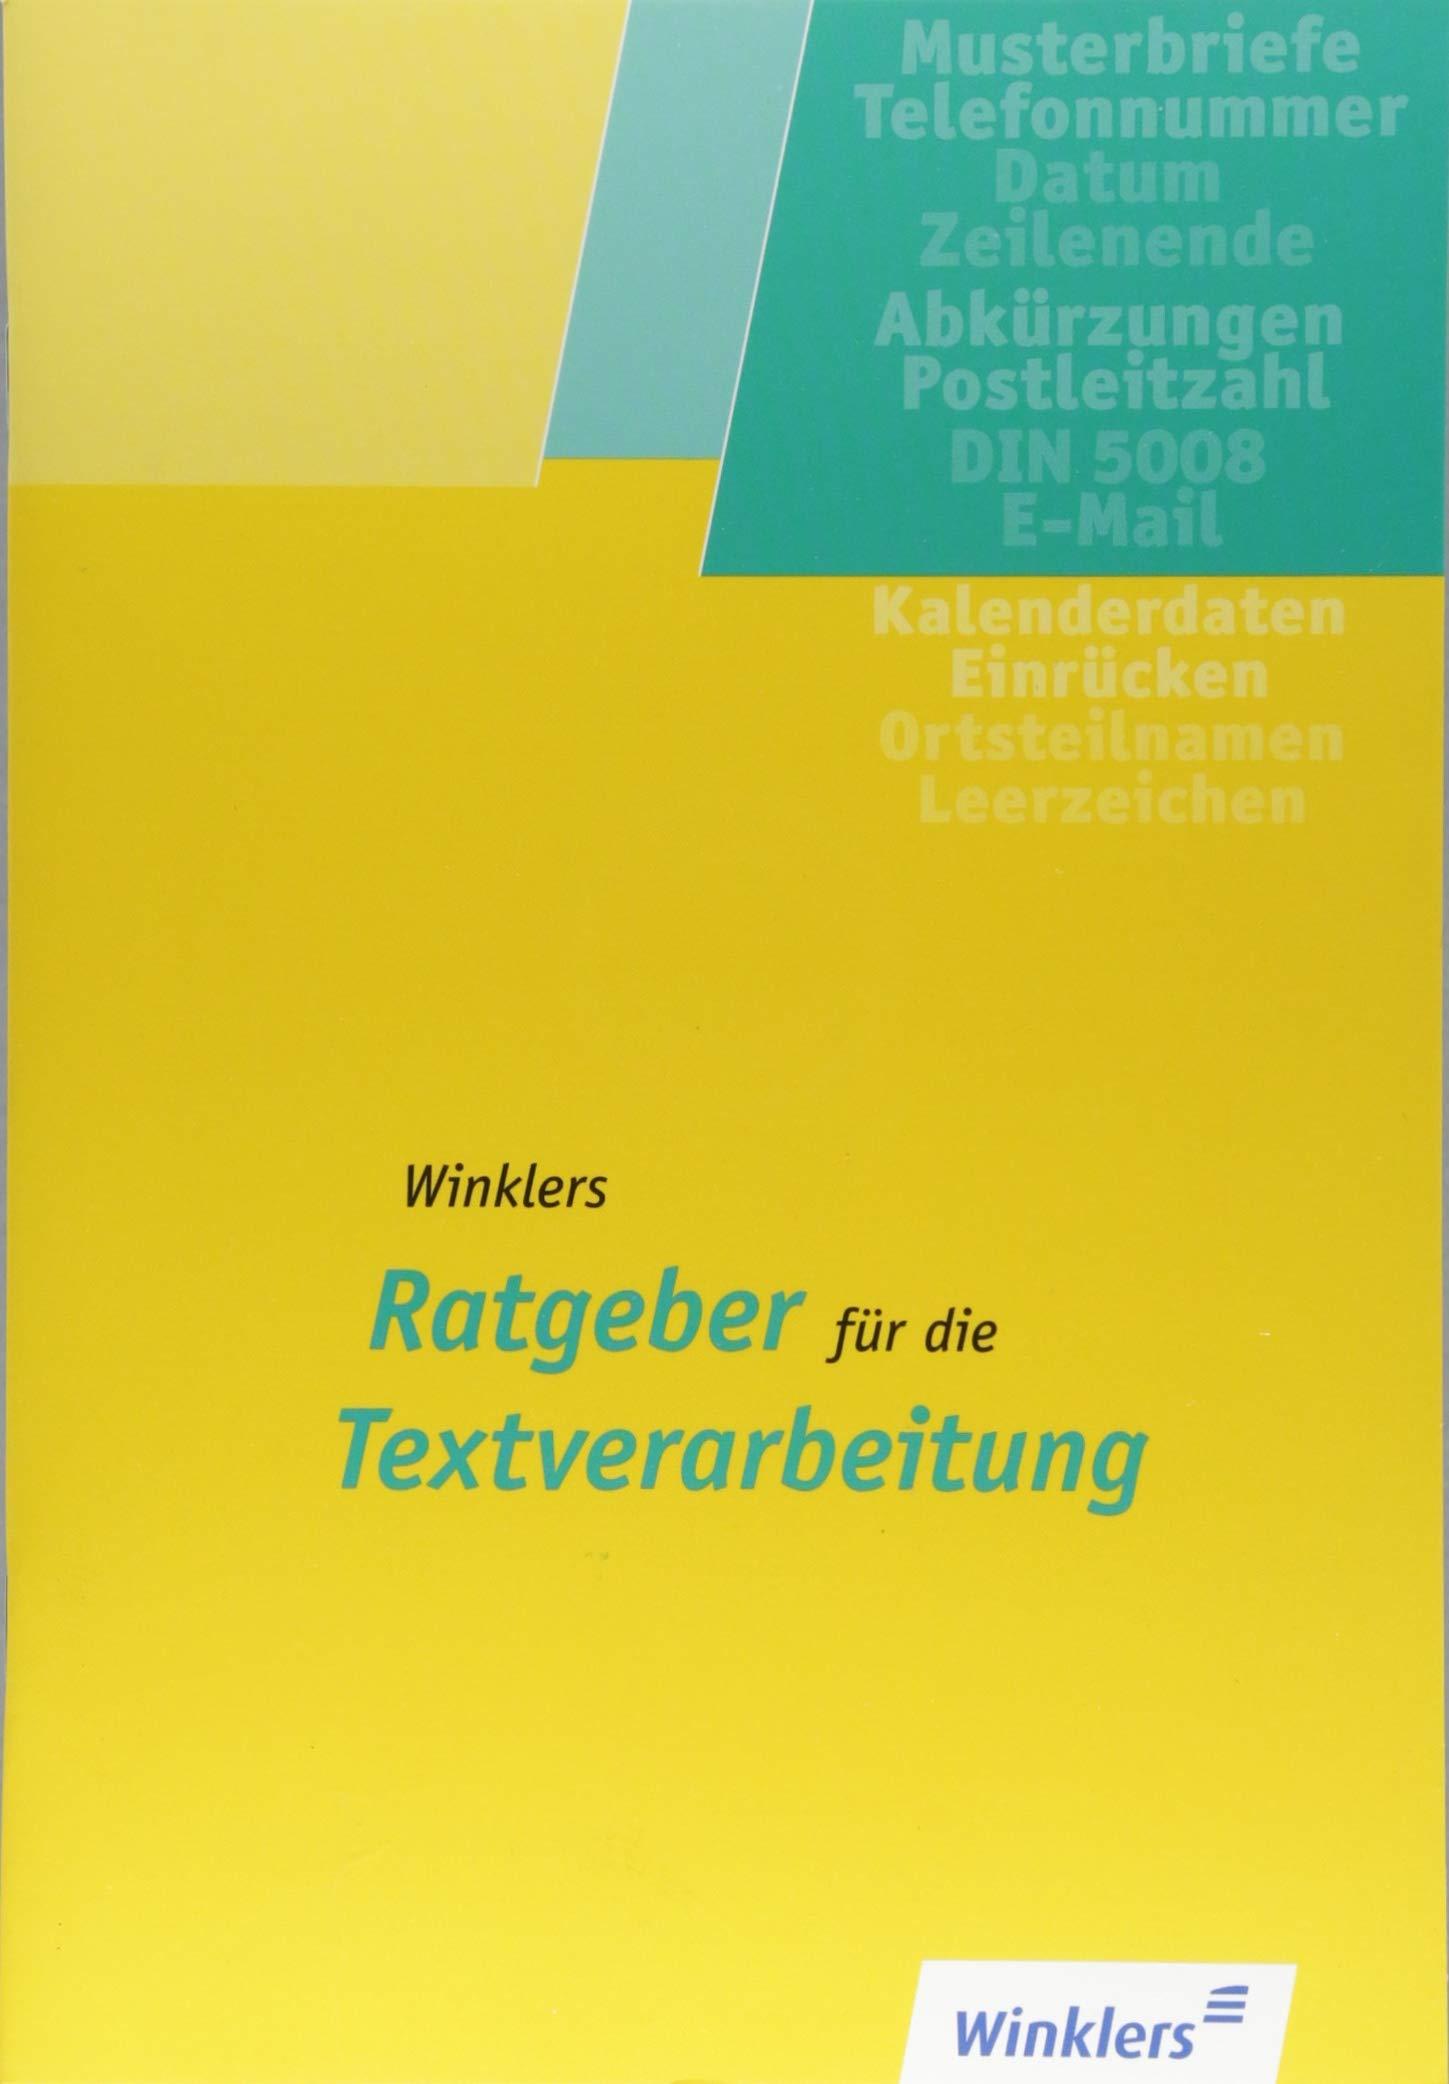 Winklers Ratgeber Für Die Textverarbeitung Schülerbuch Nach Din